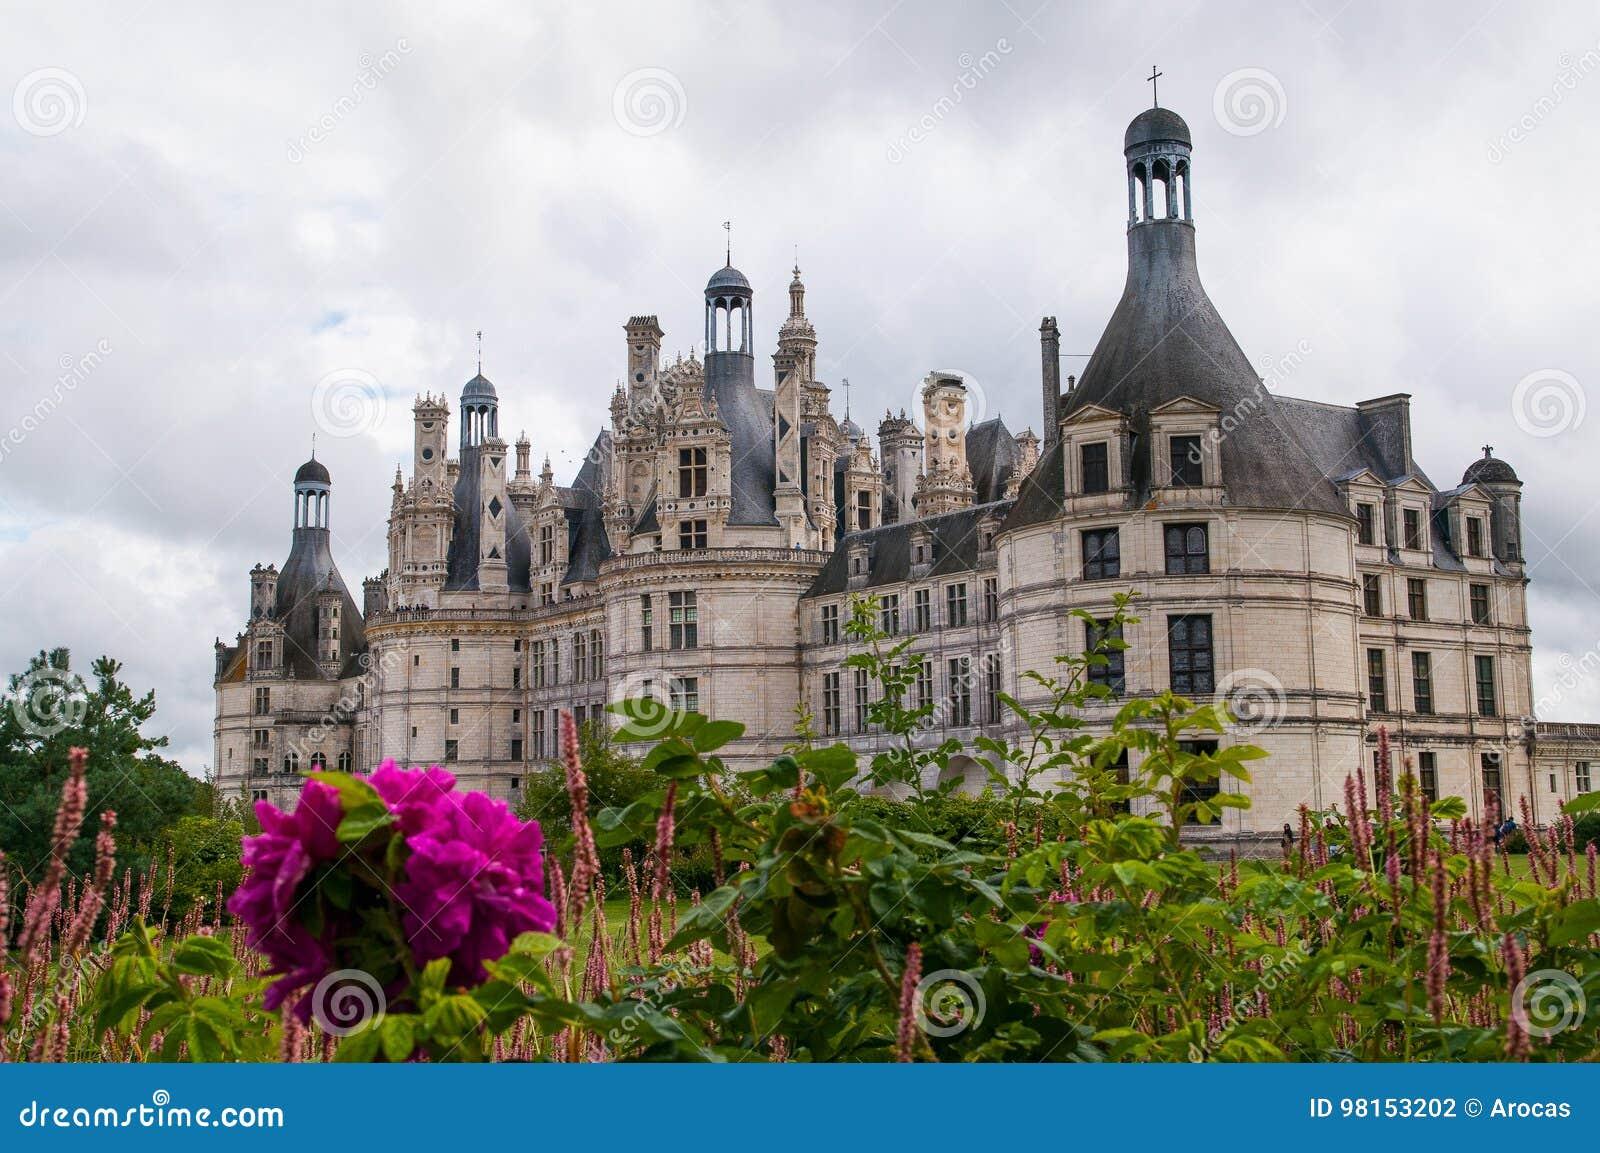 Chaumont Castle